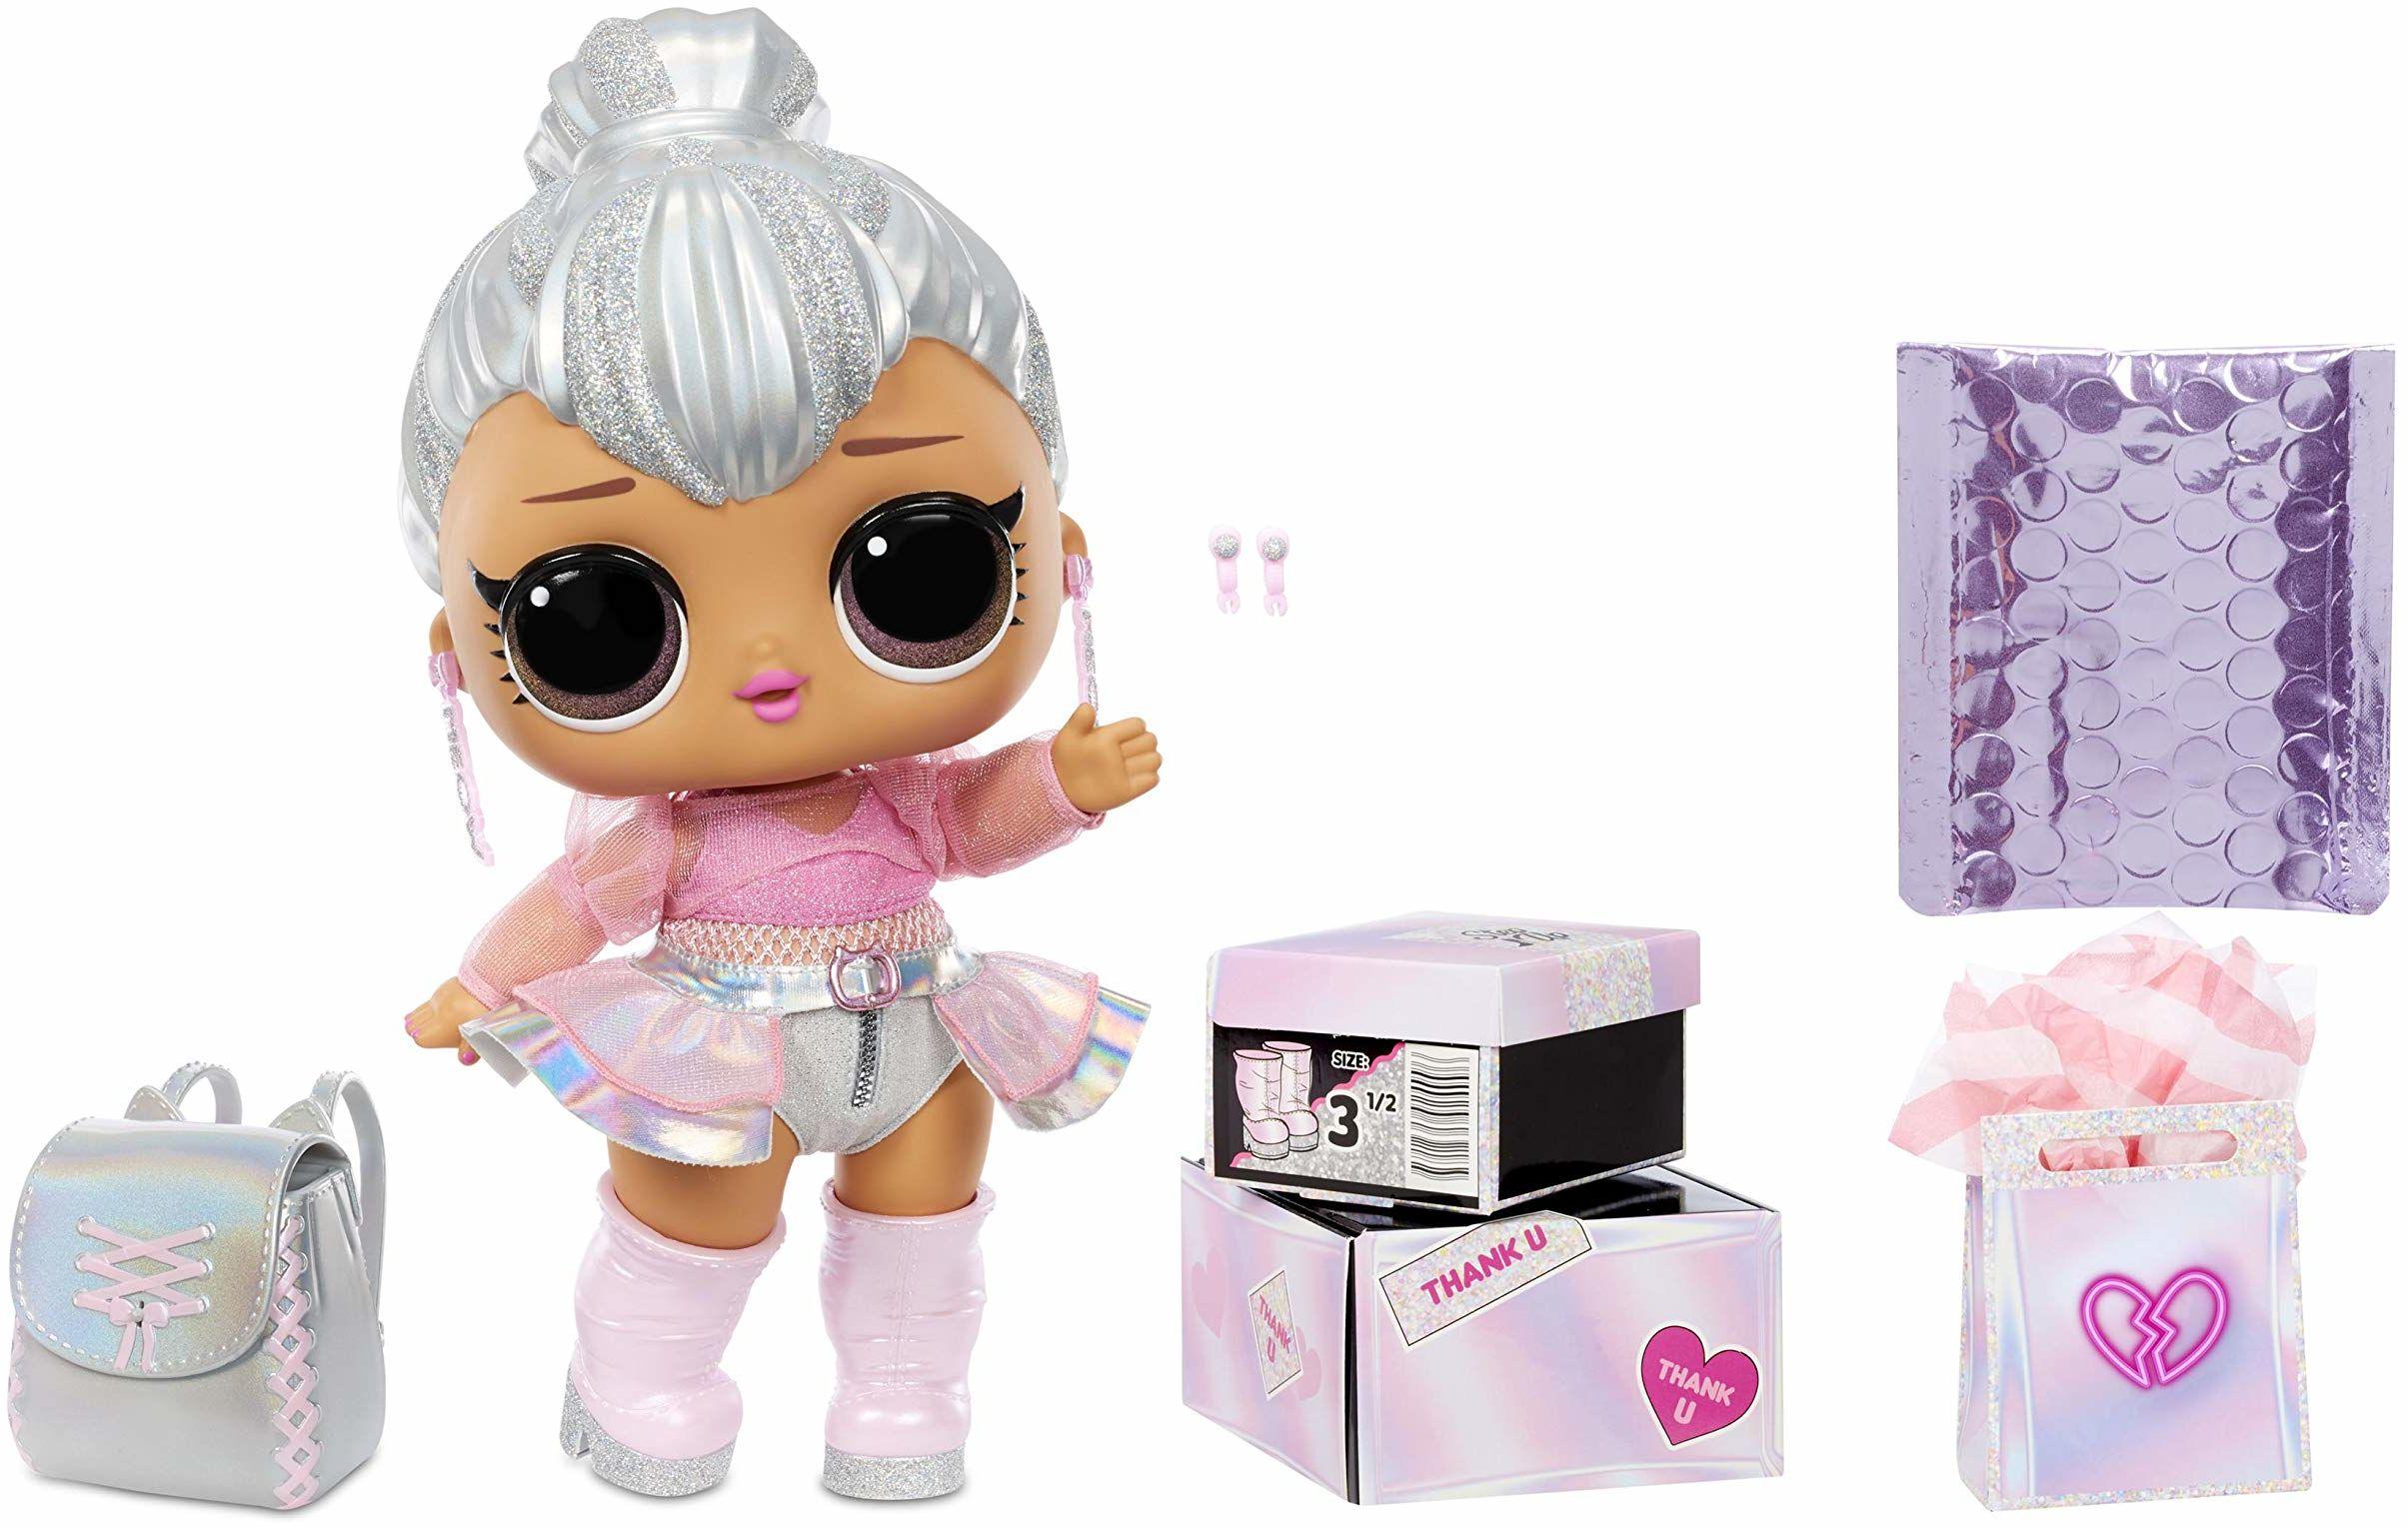 LOL Surprise Big Baby. Kitty Queen Duża Lalka Modowa z Niespodziankami, Butami, Ubraniami i Akcesoriami. Zawiera Biurko, Krzesło i Tło. Kolekcjonerskie Lalki Dla Dzieci w Wieku Od 3 Lat